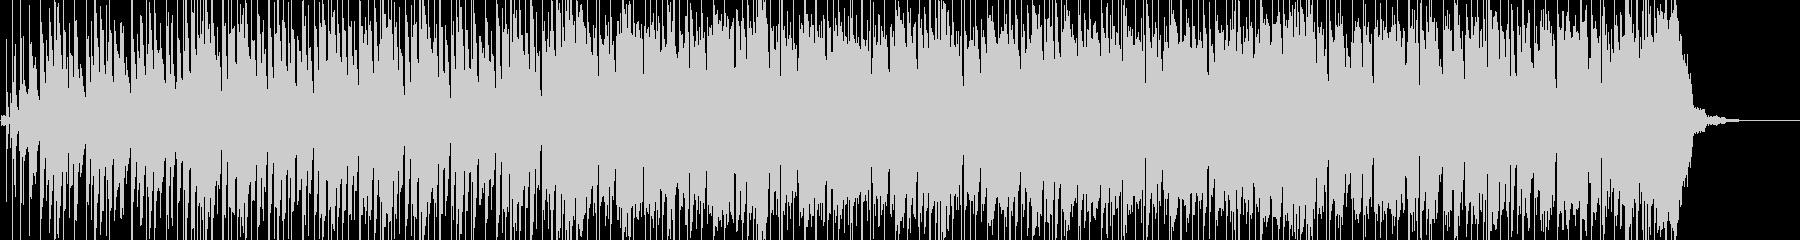 スタイリッシュ・コミカル・アップテンポの未再生の波形